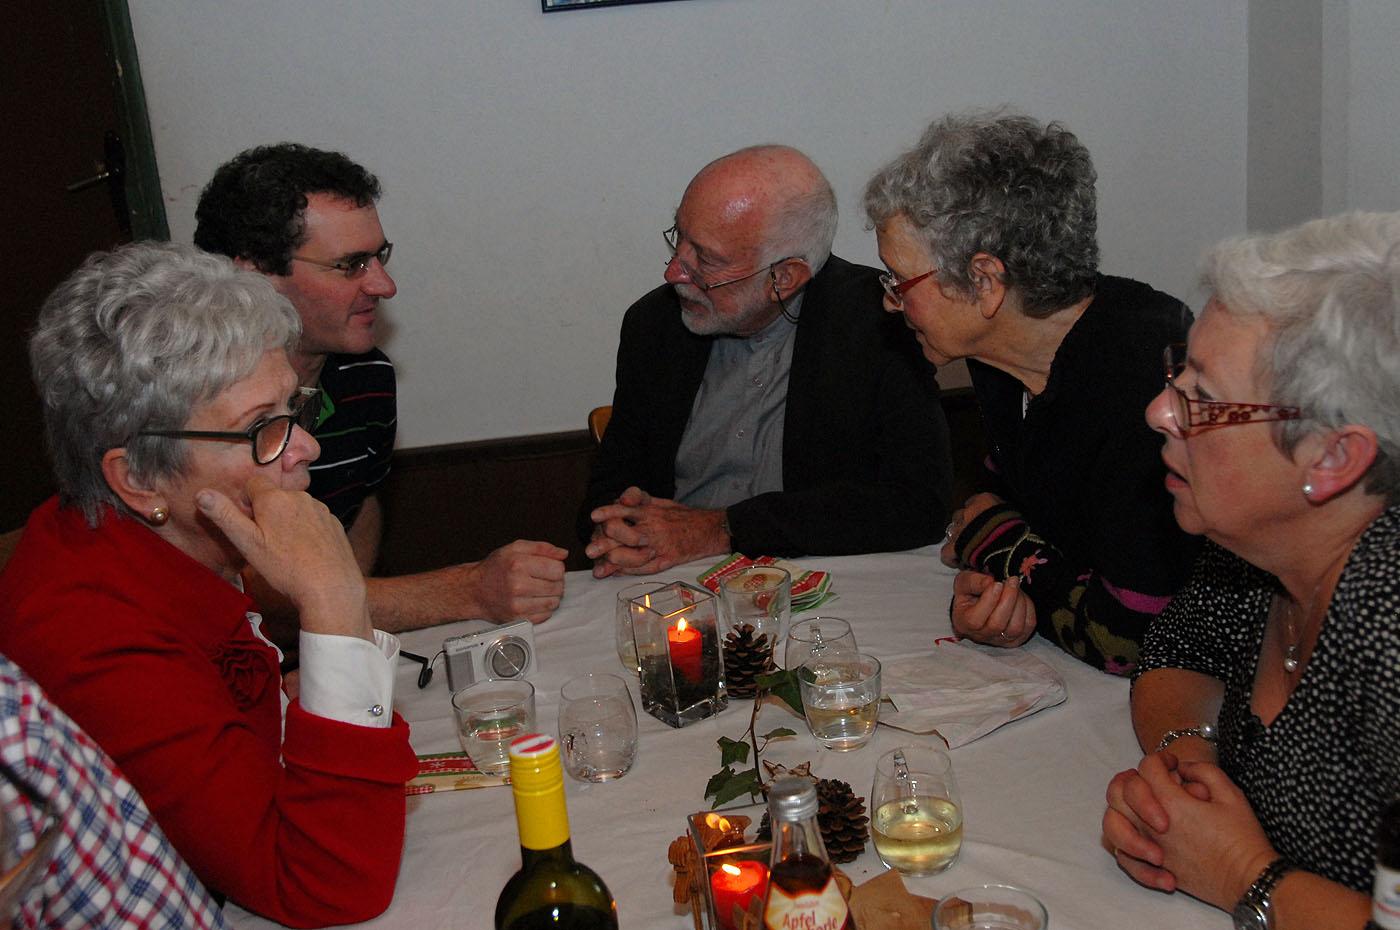 Familientag_23.11.14-Einsiedel_Foto bräu_111